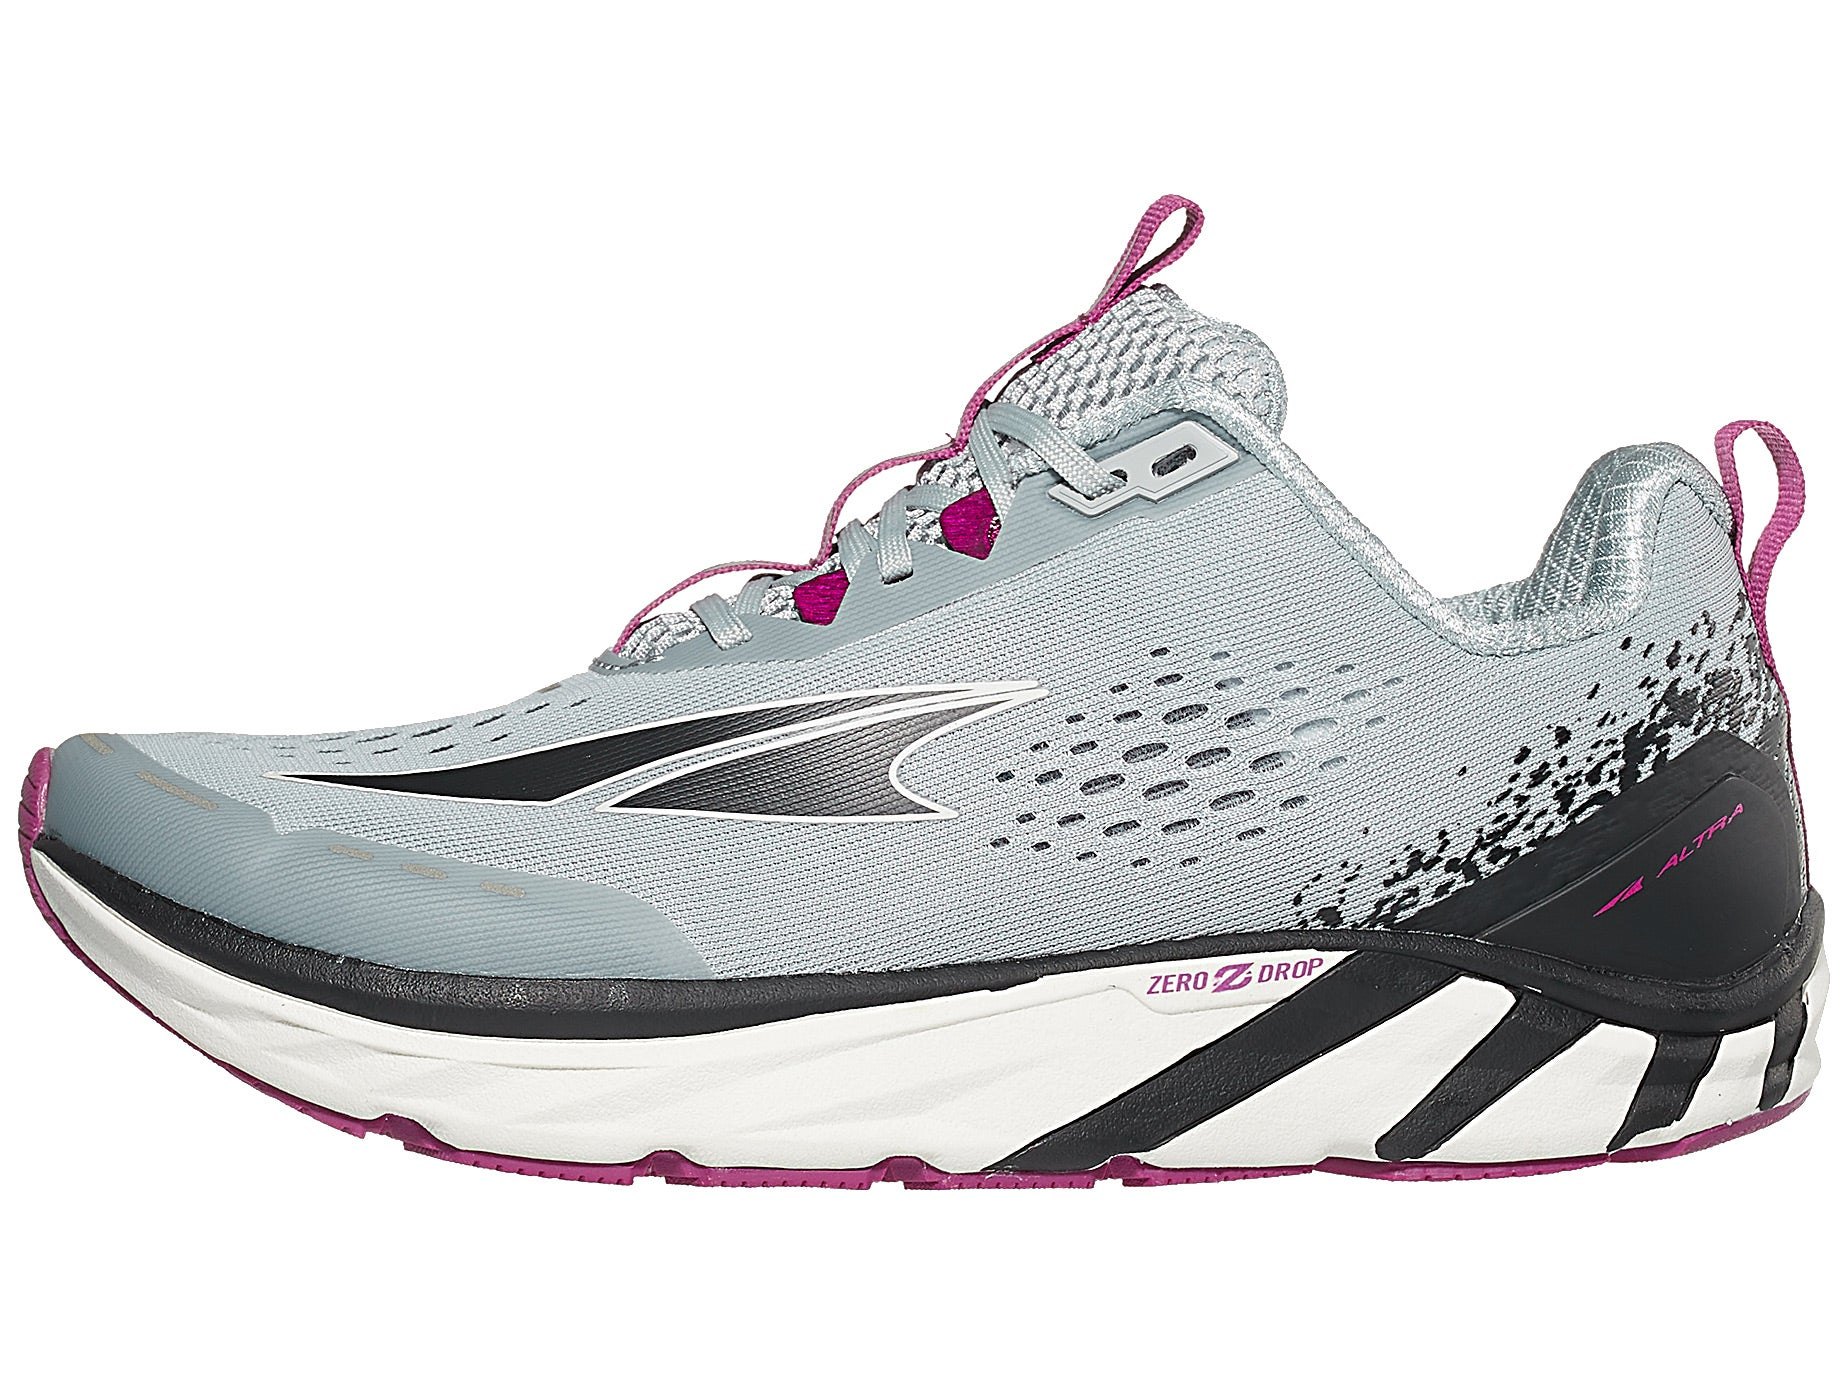 Altra Torin 4 Chaussures Running Femme